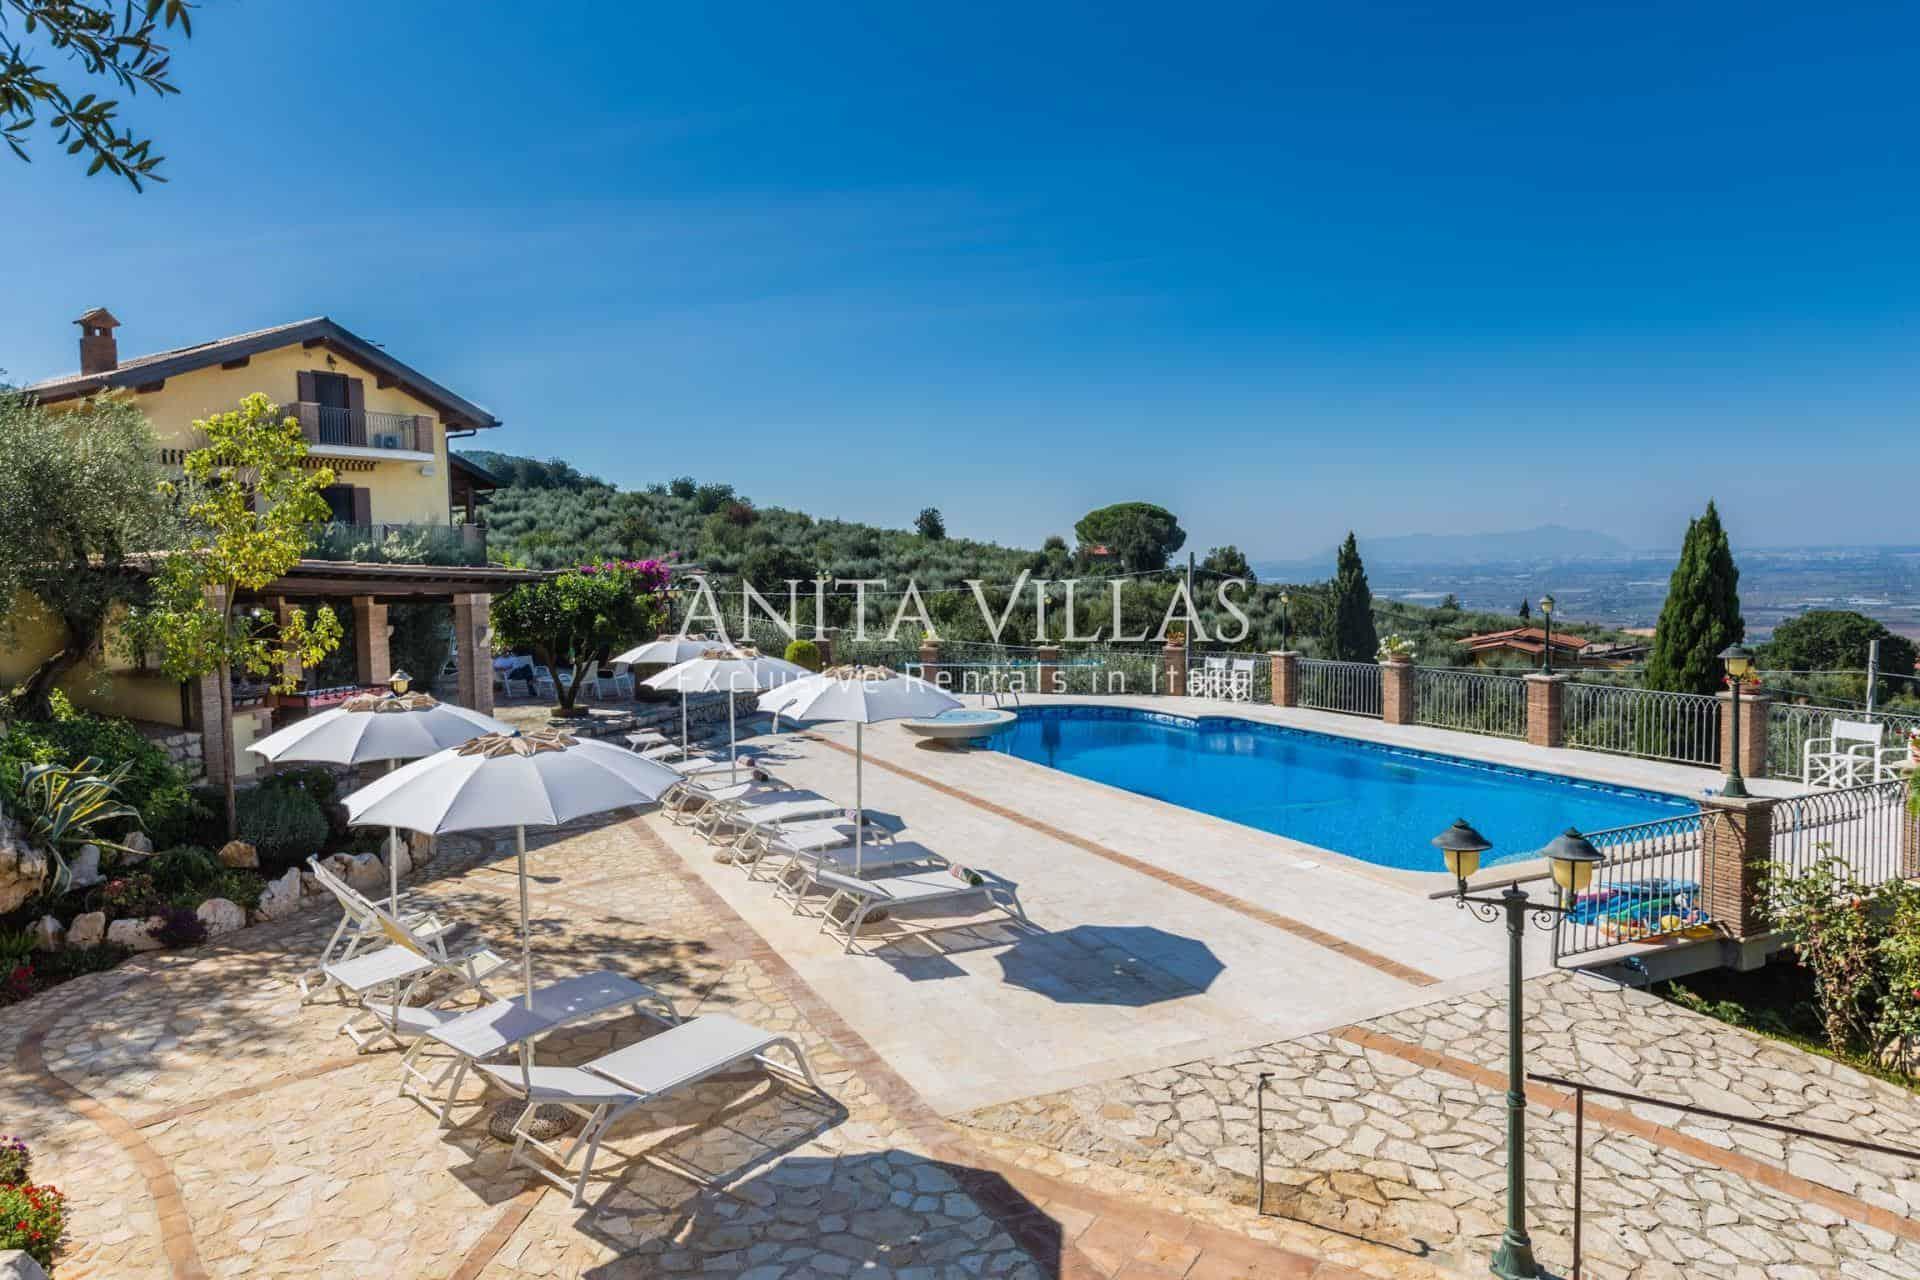 Villa Parco del Circeo - AnitaVillas